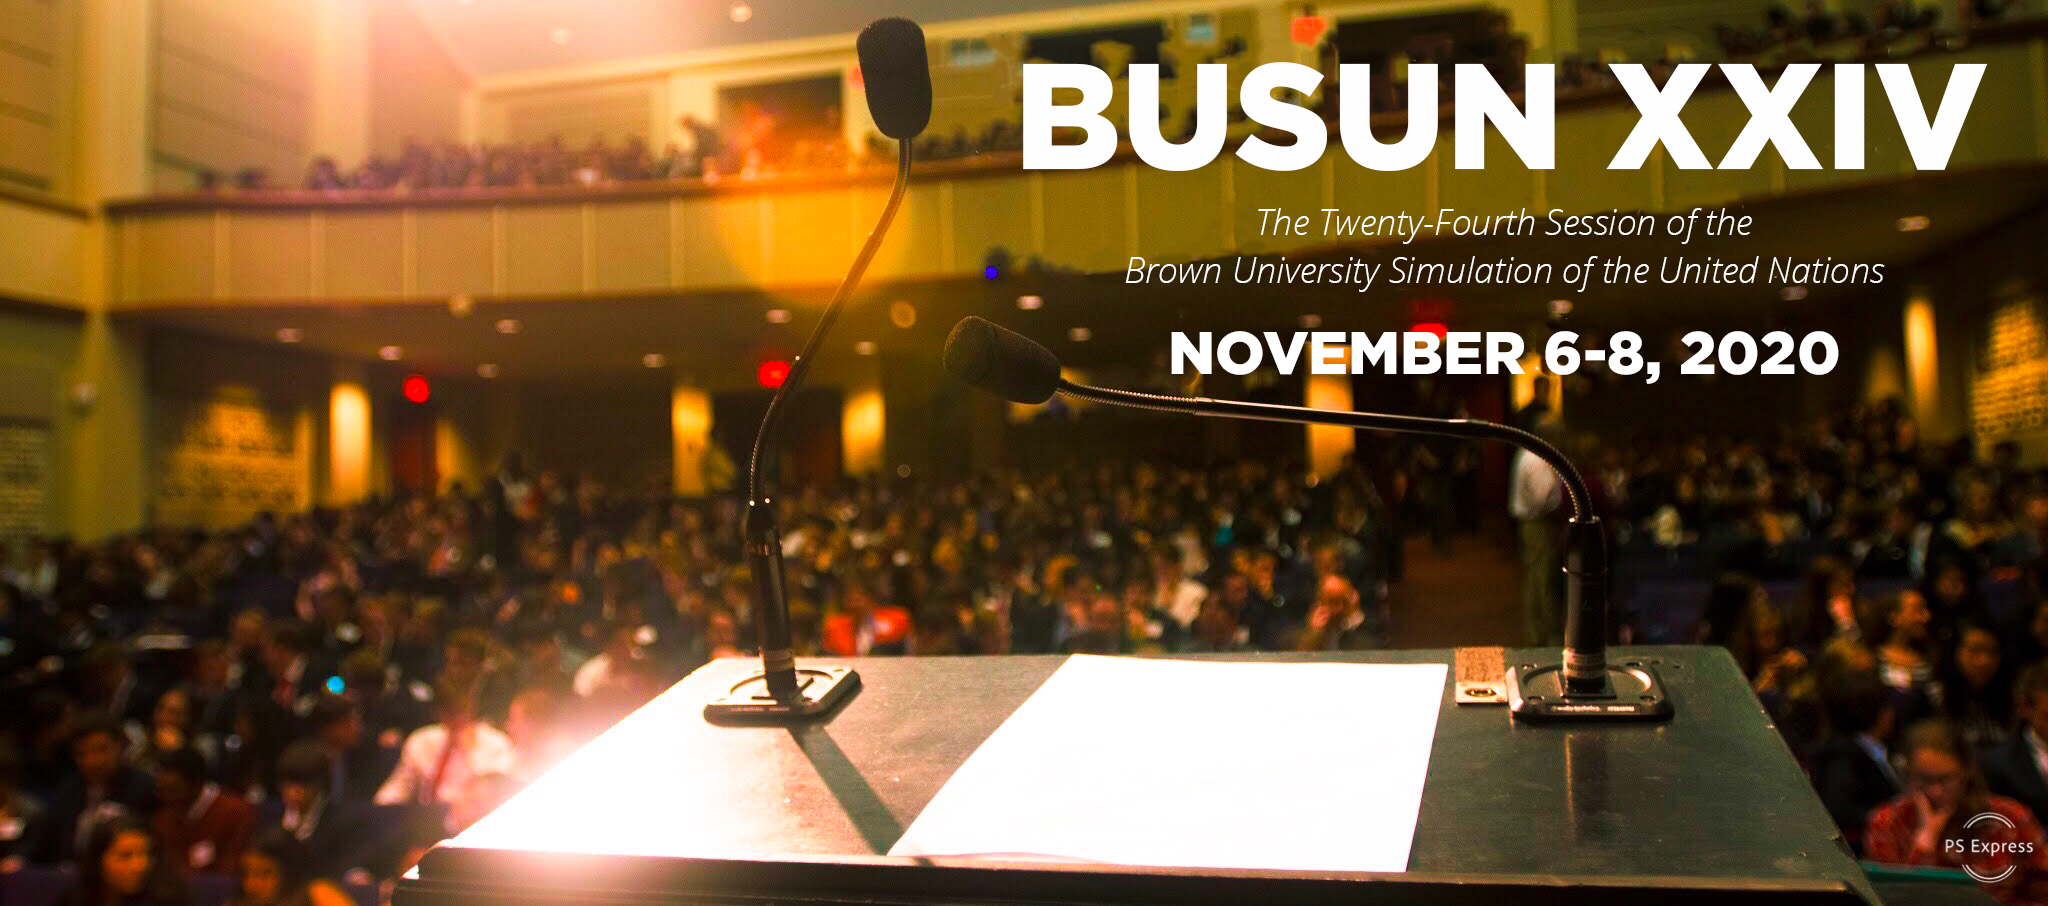 BUSUN XXIV - November 6-8, 2019